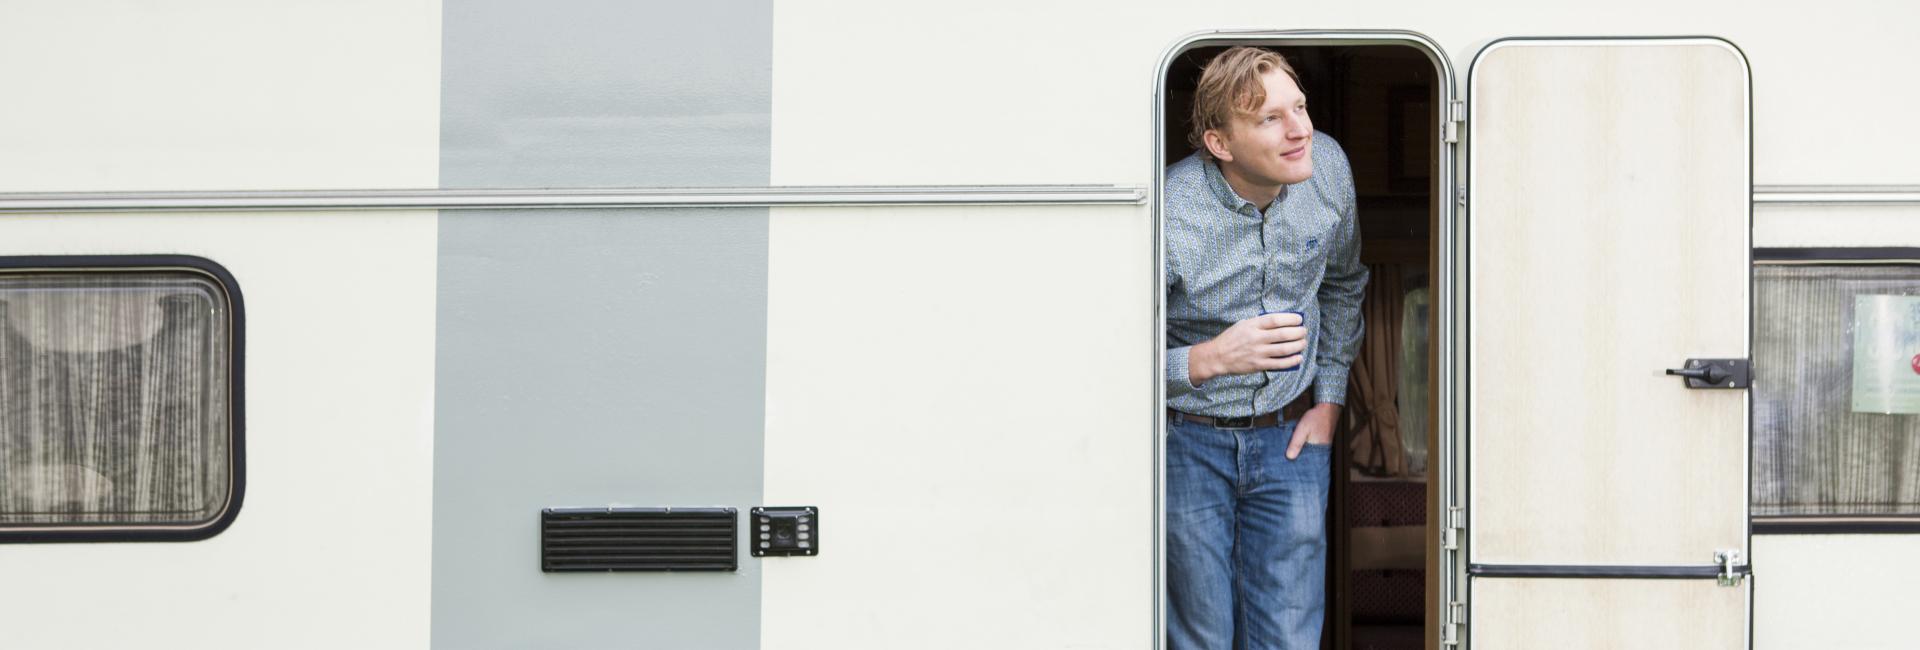 Johan kijkt naar buiten